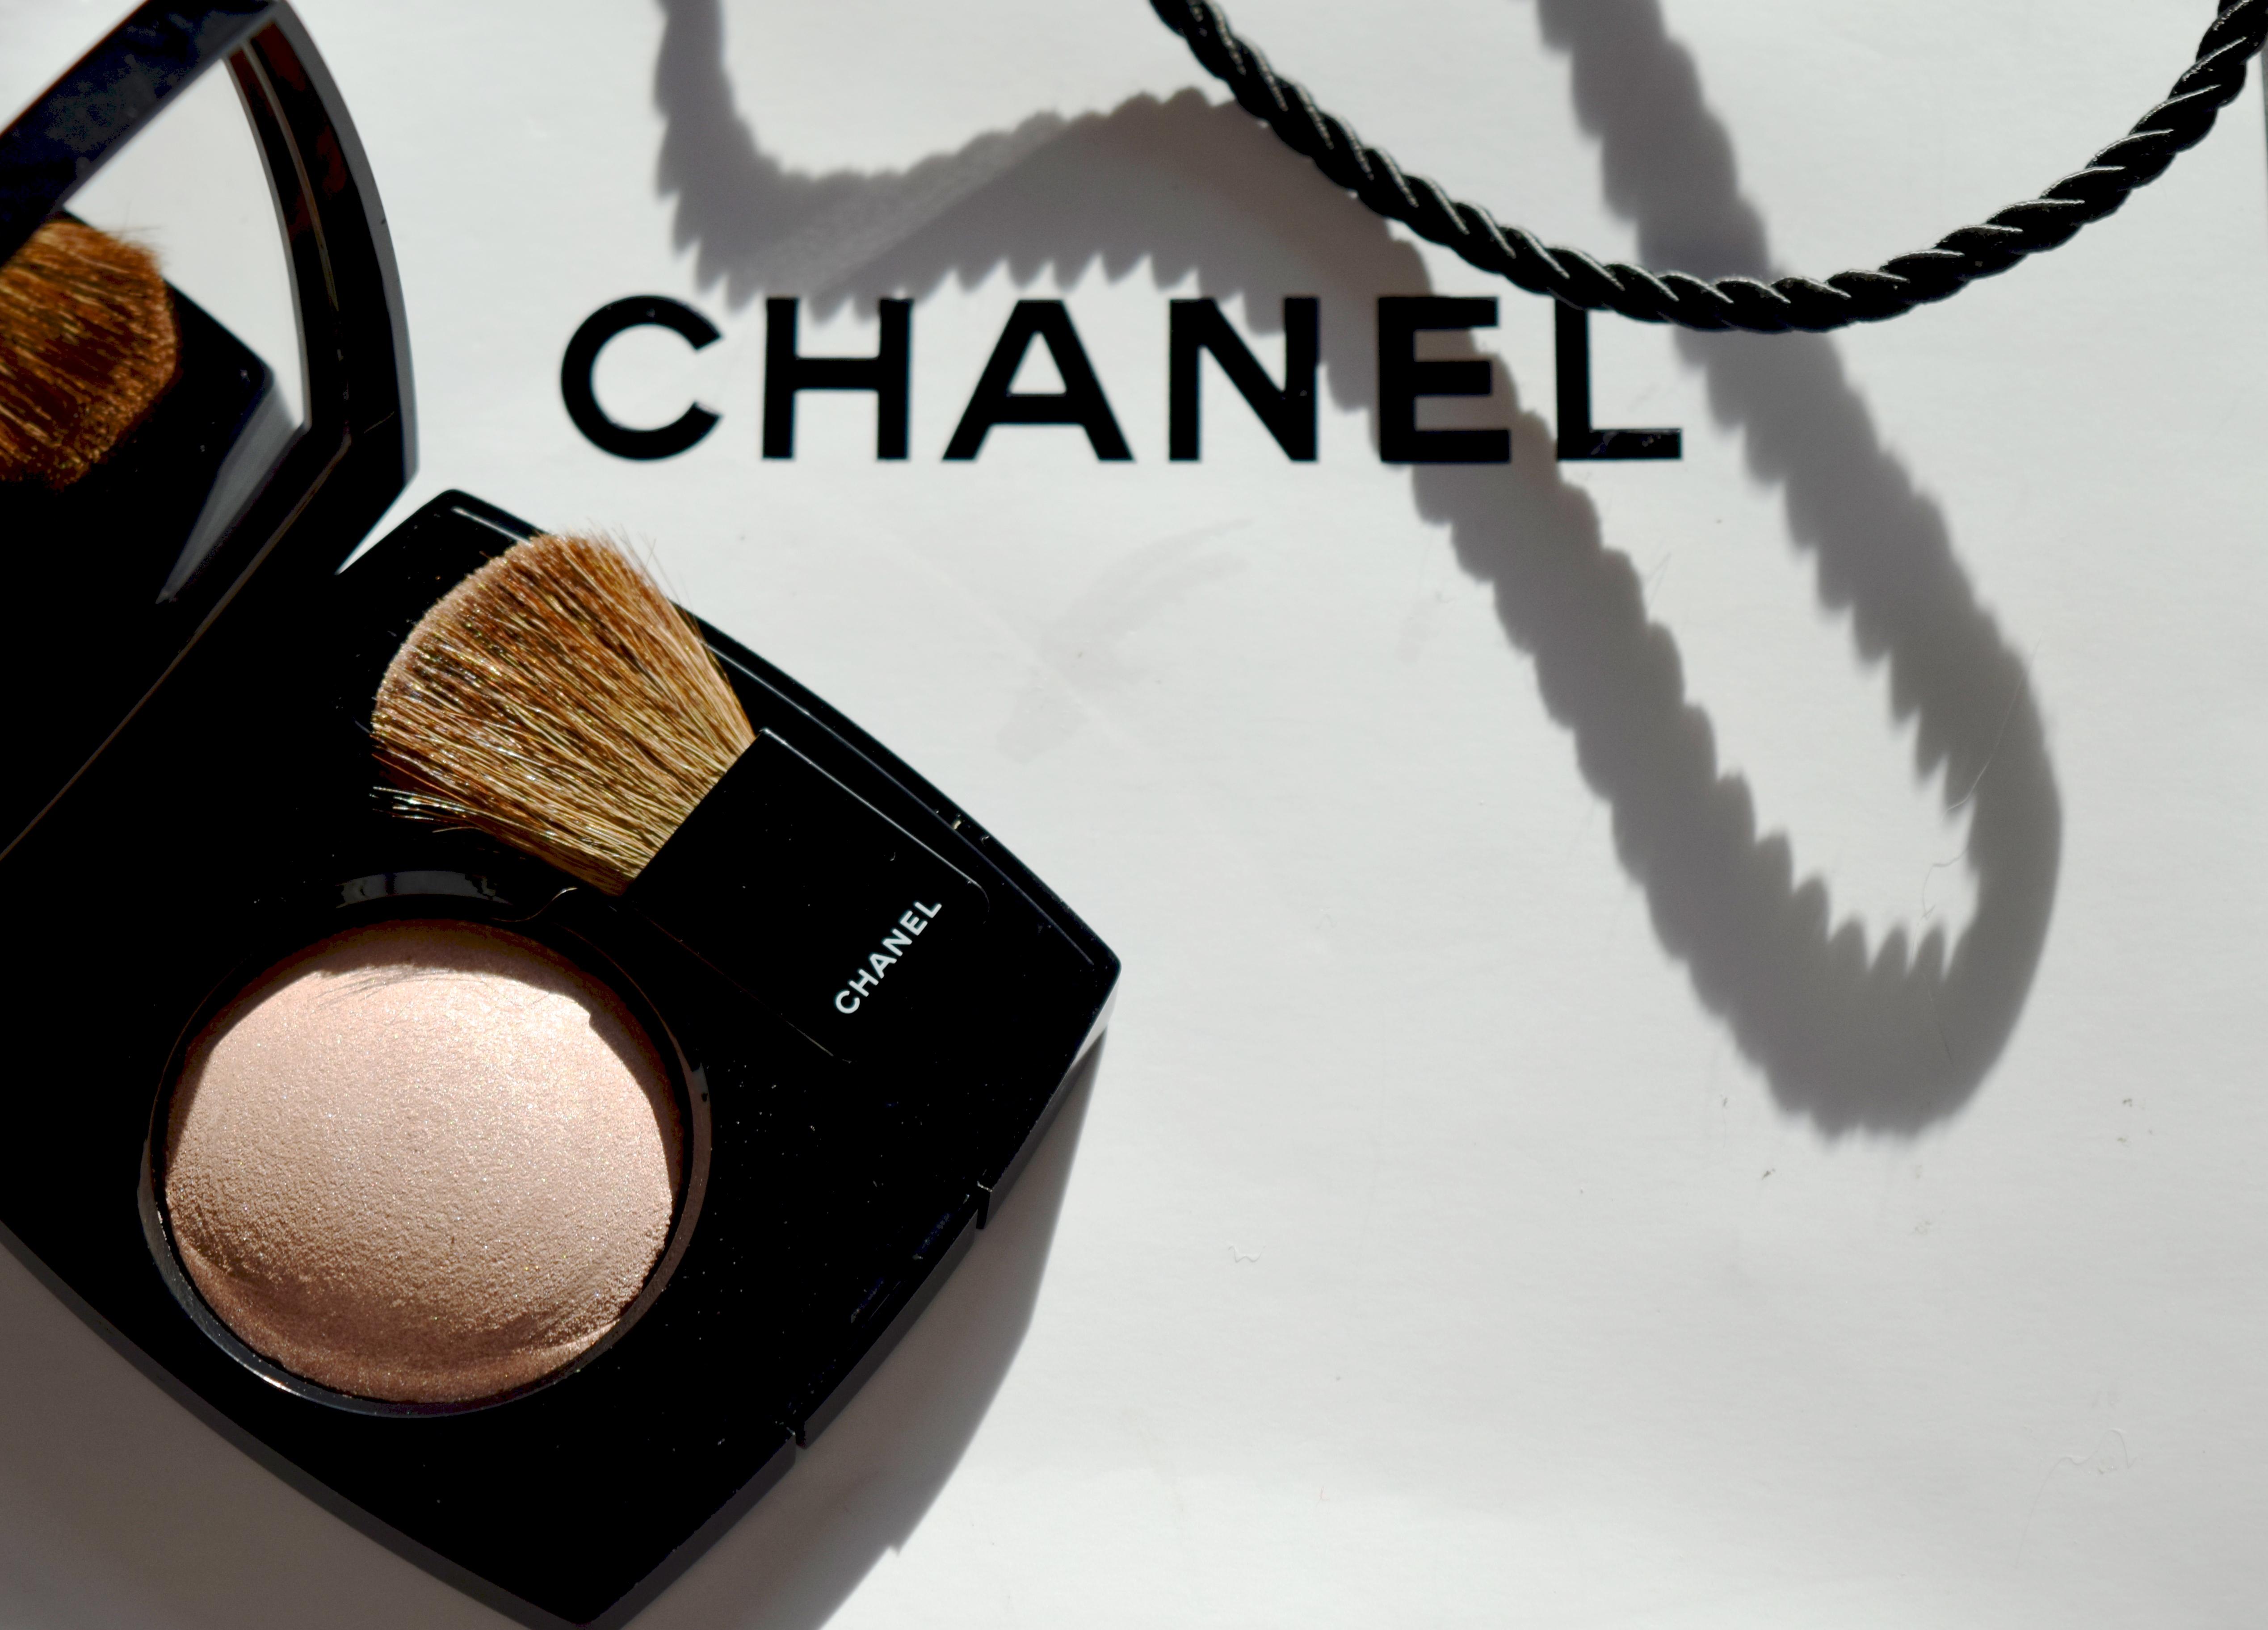 Chanel Coups de Minuit 4